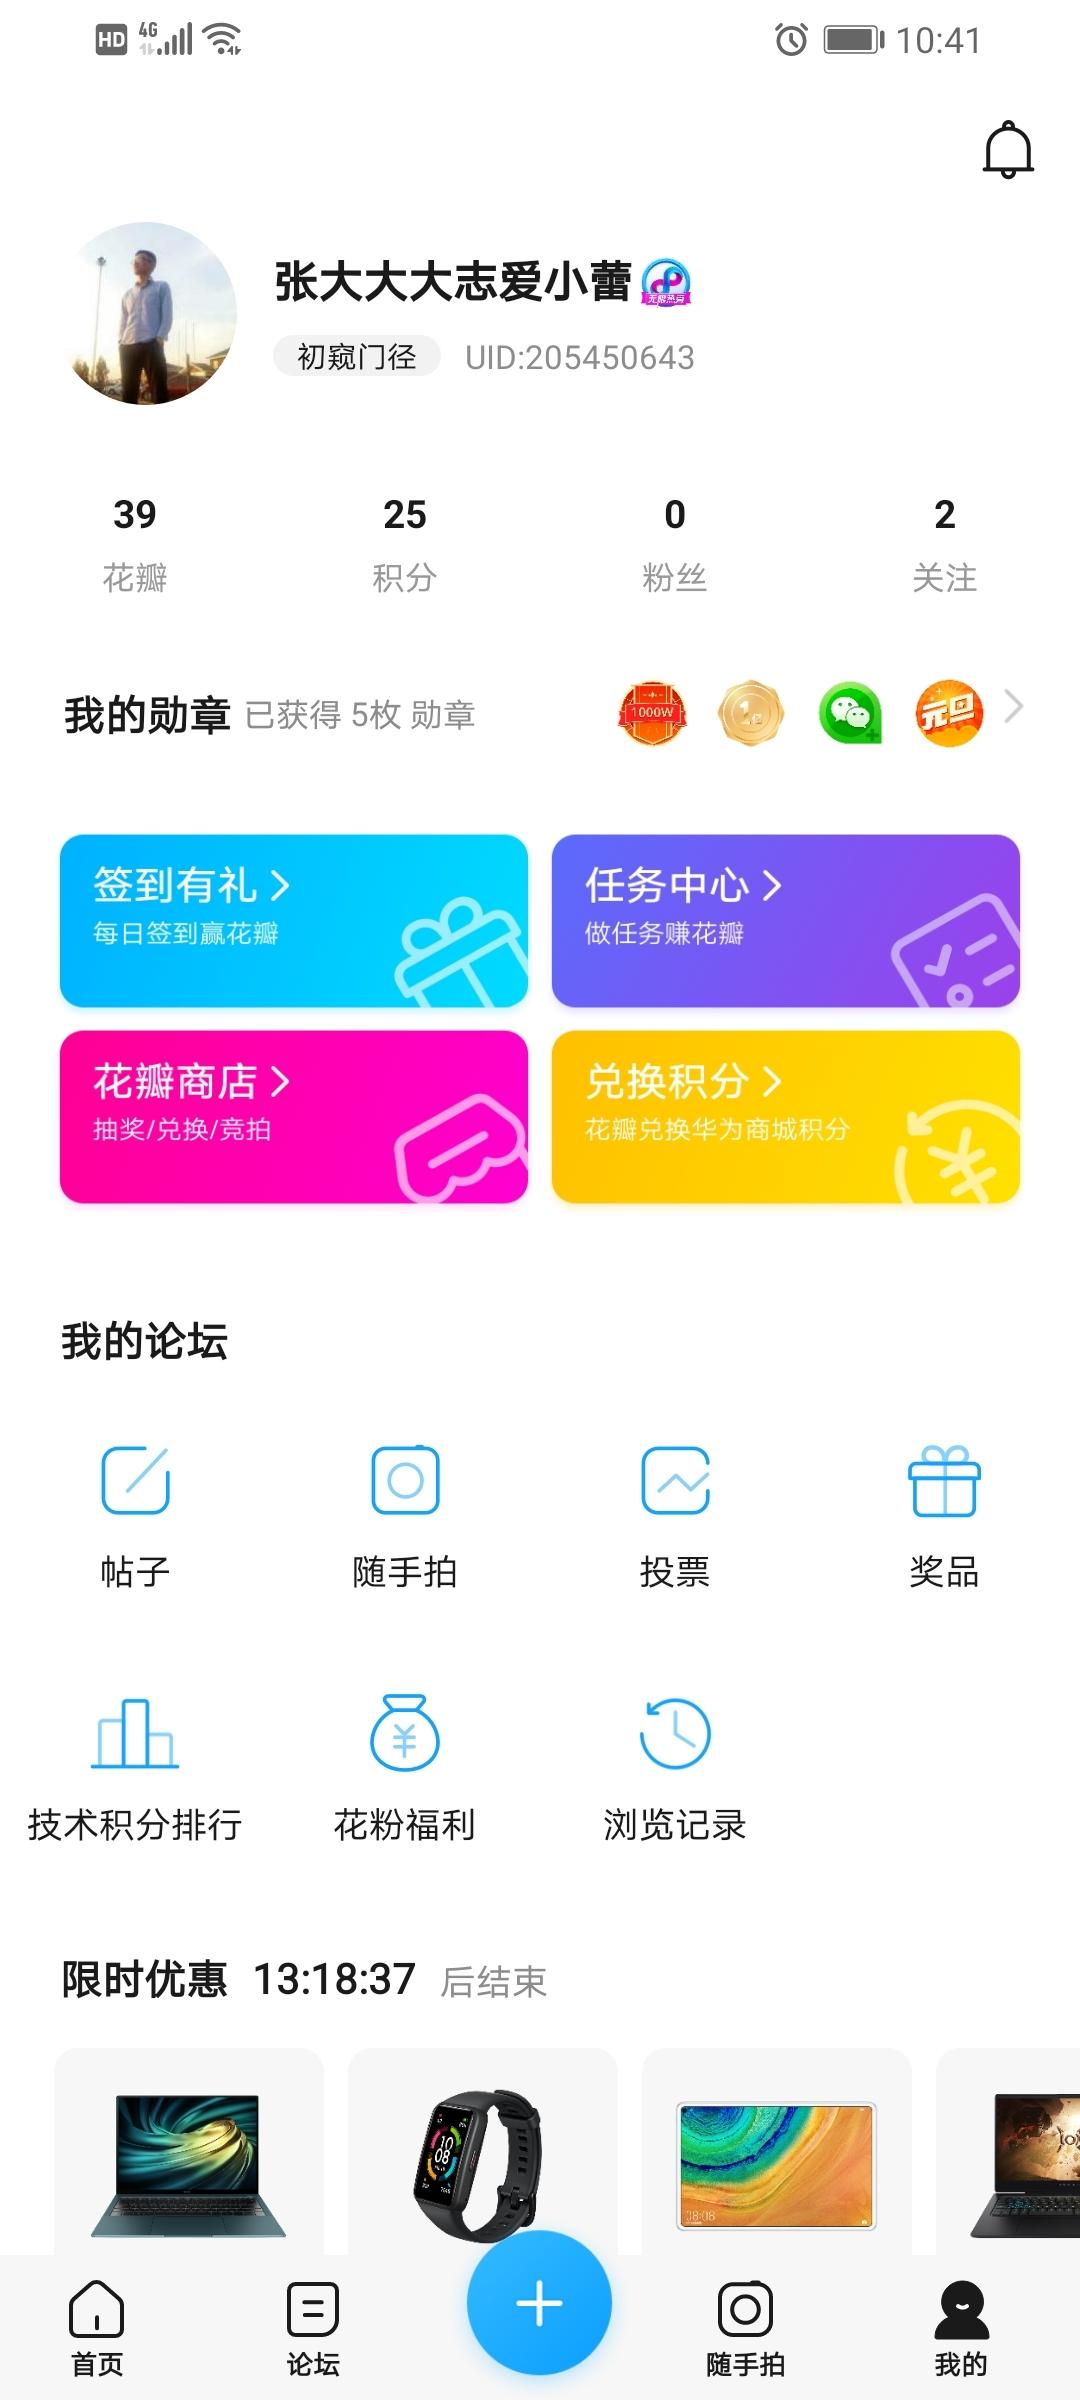 Screenshot_20201118_104121_com.huawei.fans.jpg